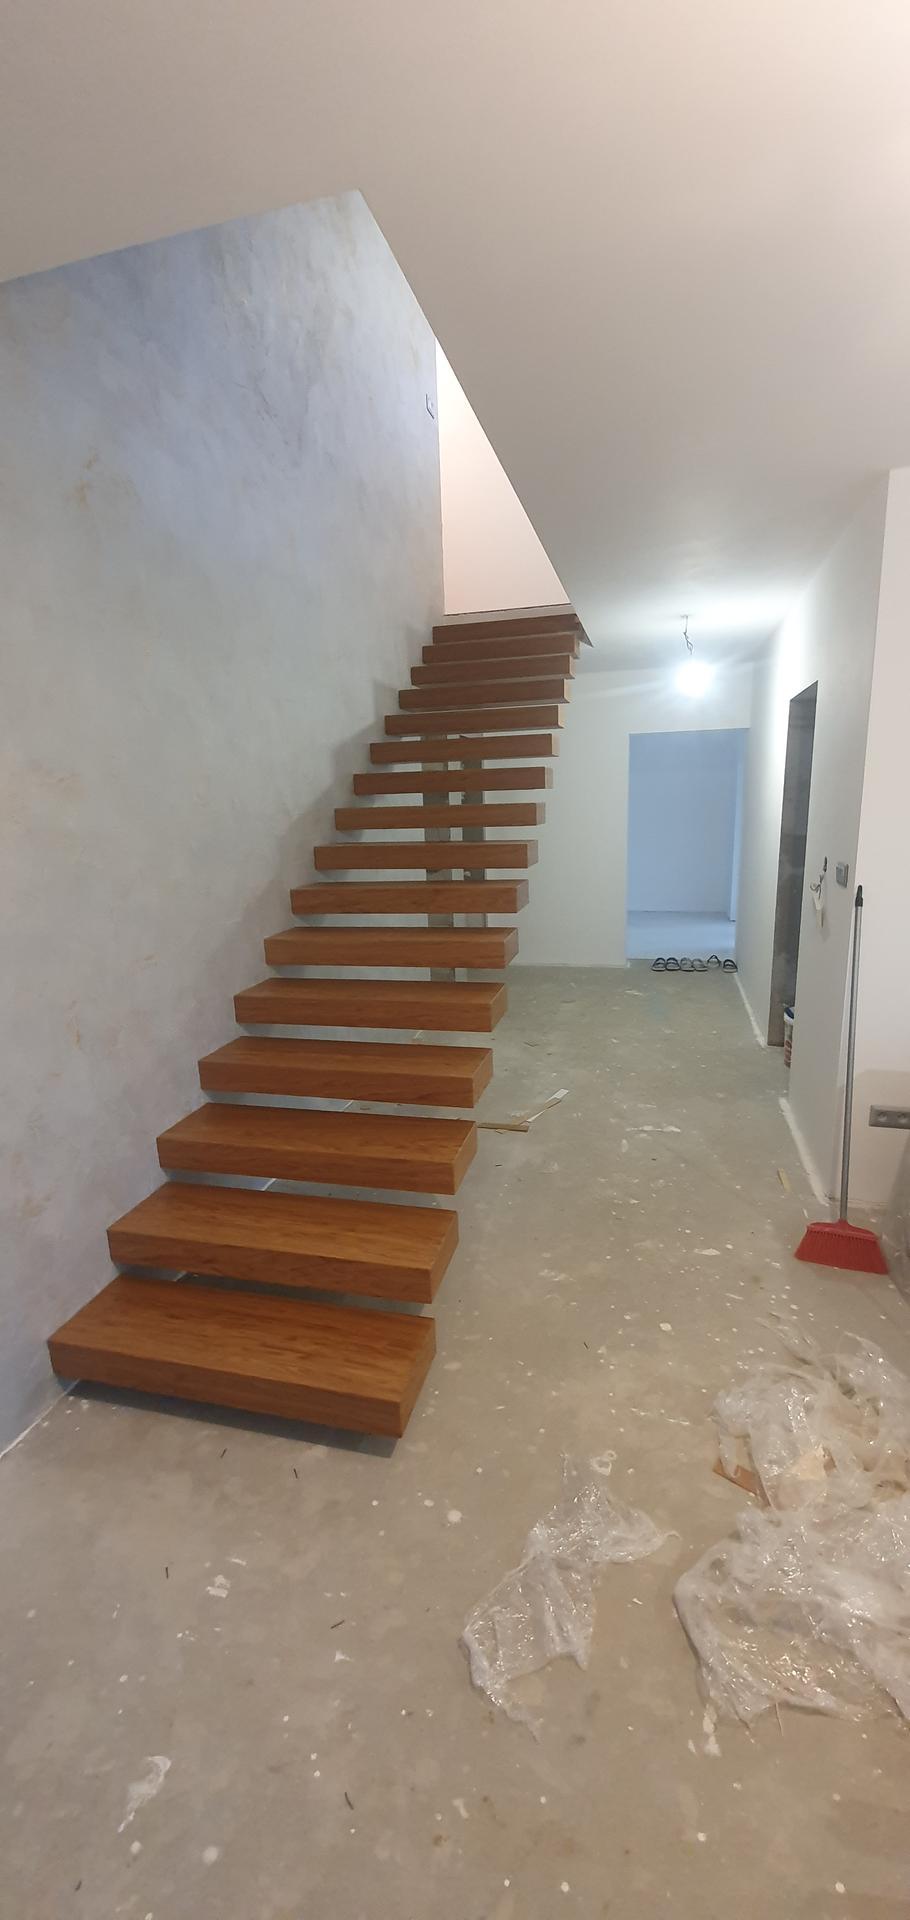 Konzolove schodisko (samonosne schody) - Obrázok č. 39